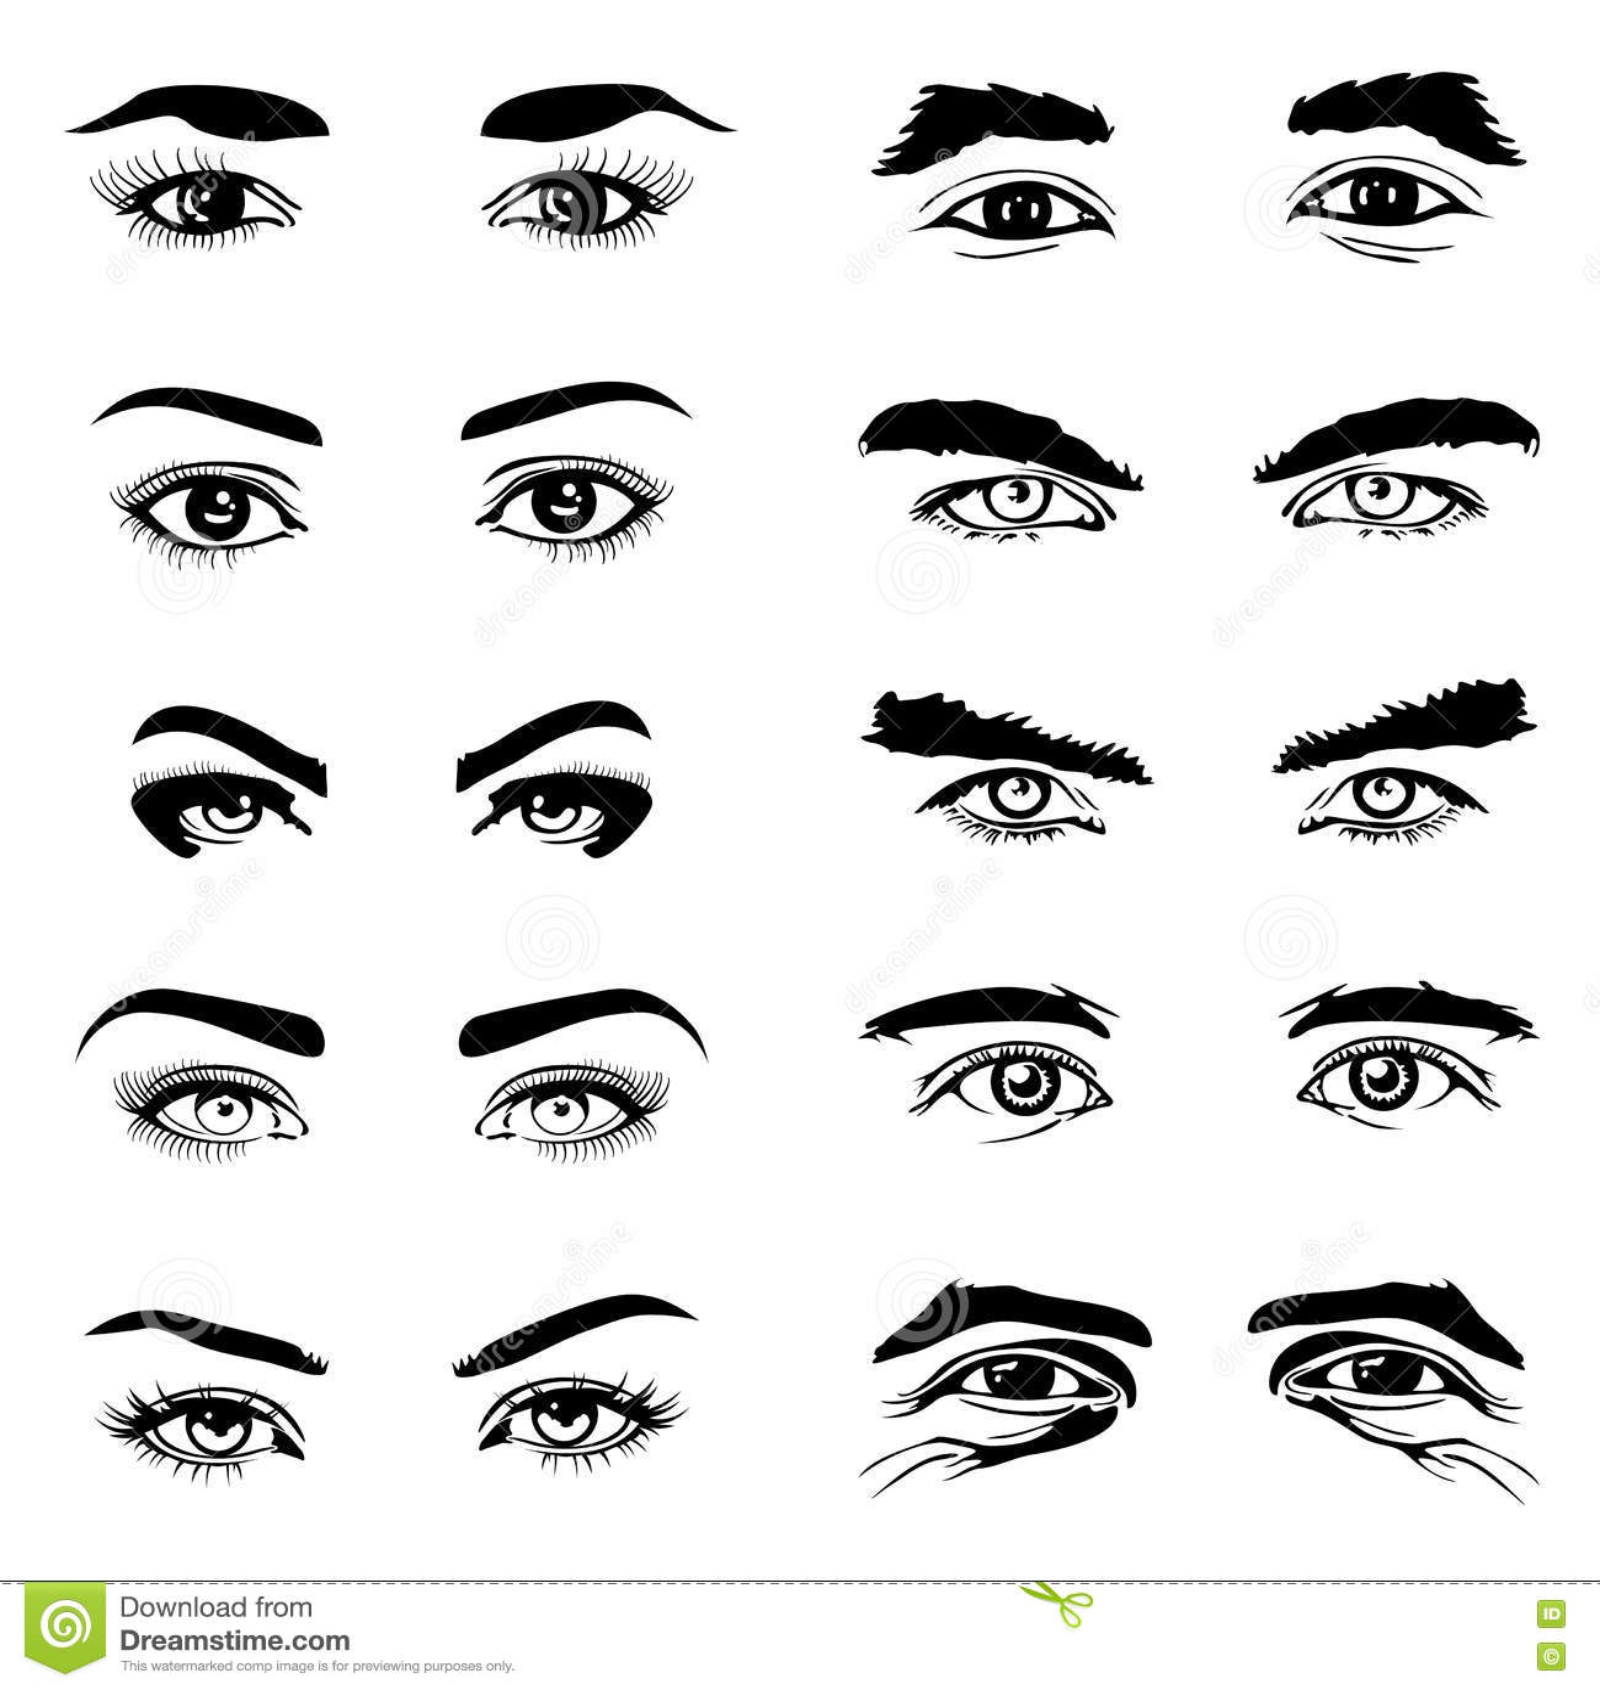 El fisiko, como expresion de ti. - Página 2 Male-female-eyes-eyebrows-vector-elements-human-eyeball-look-illustration-76223708